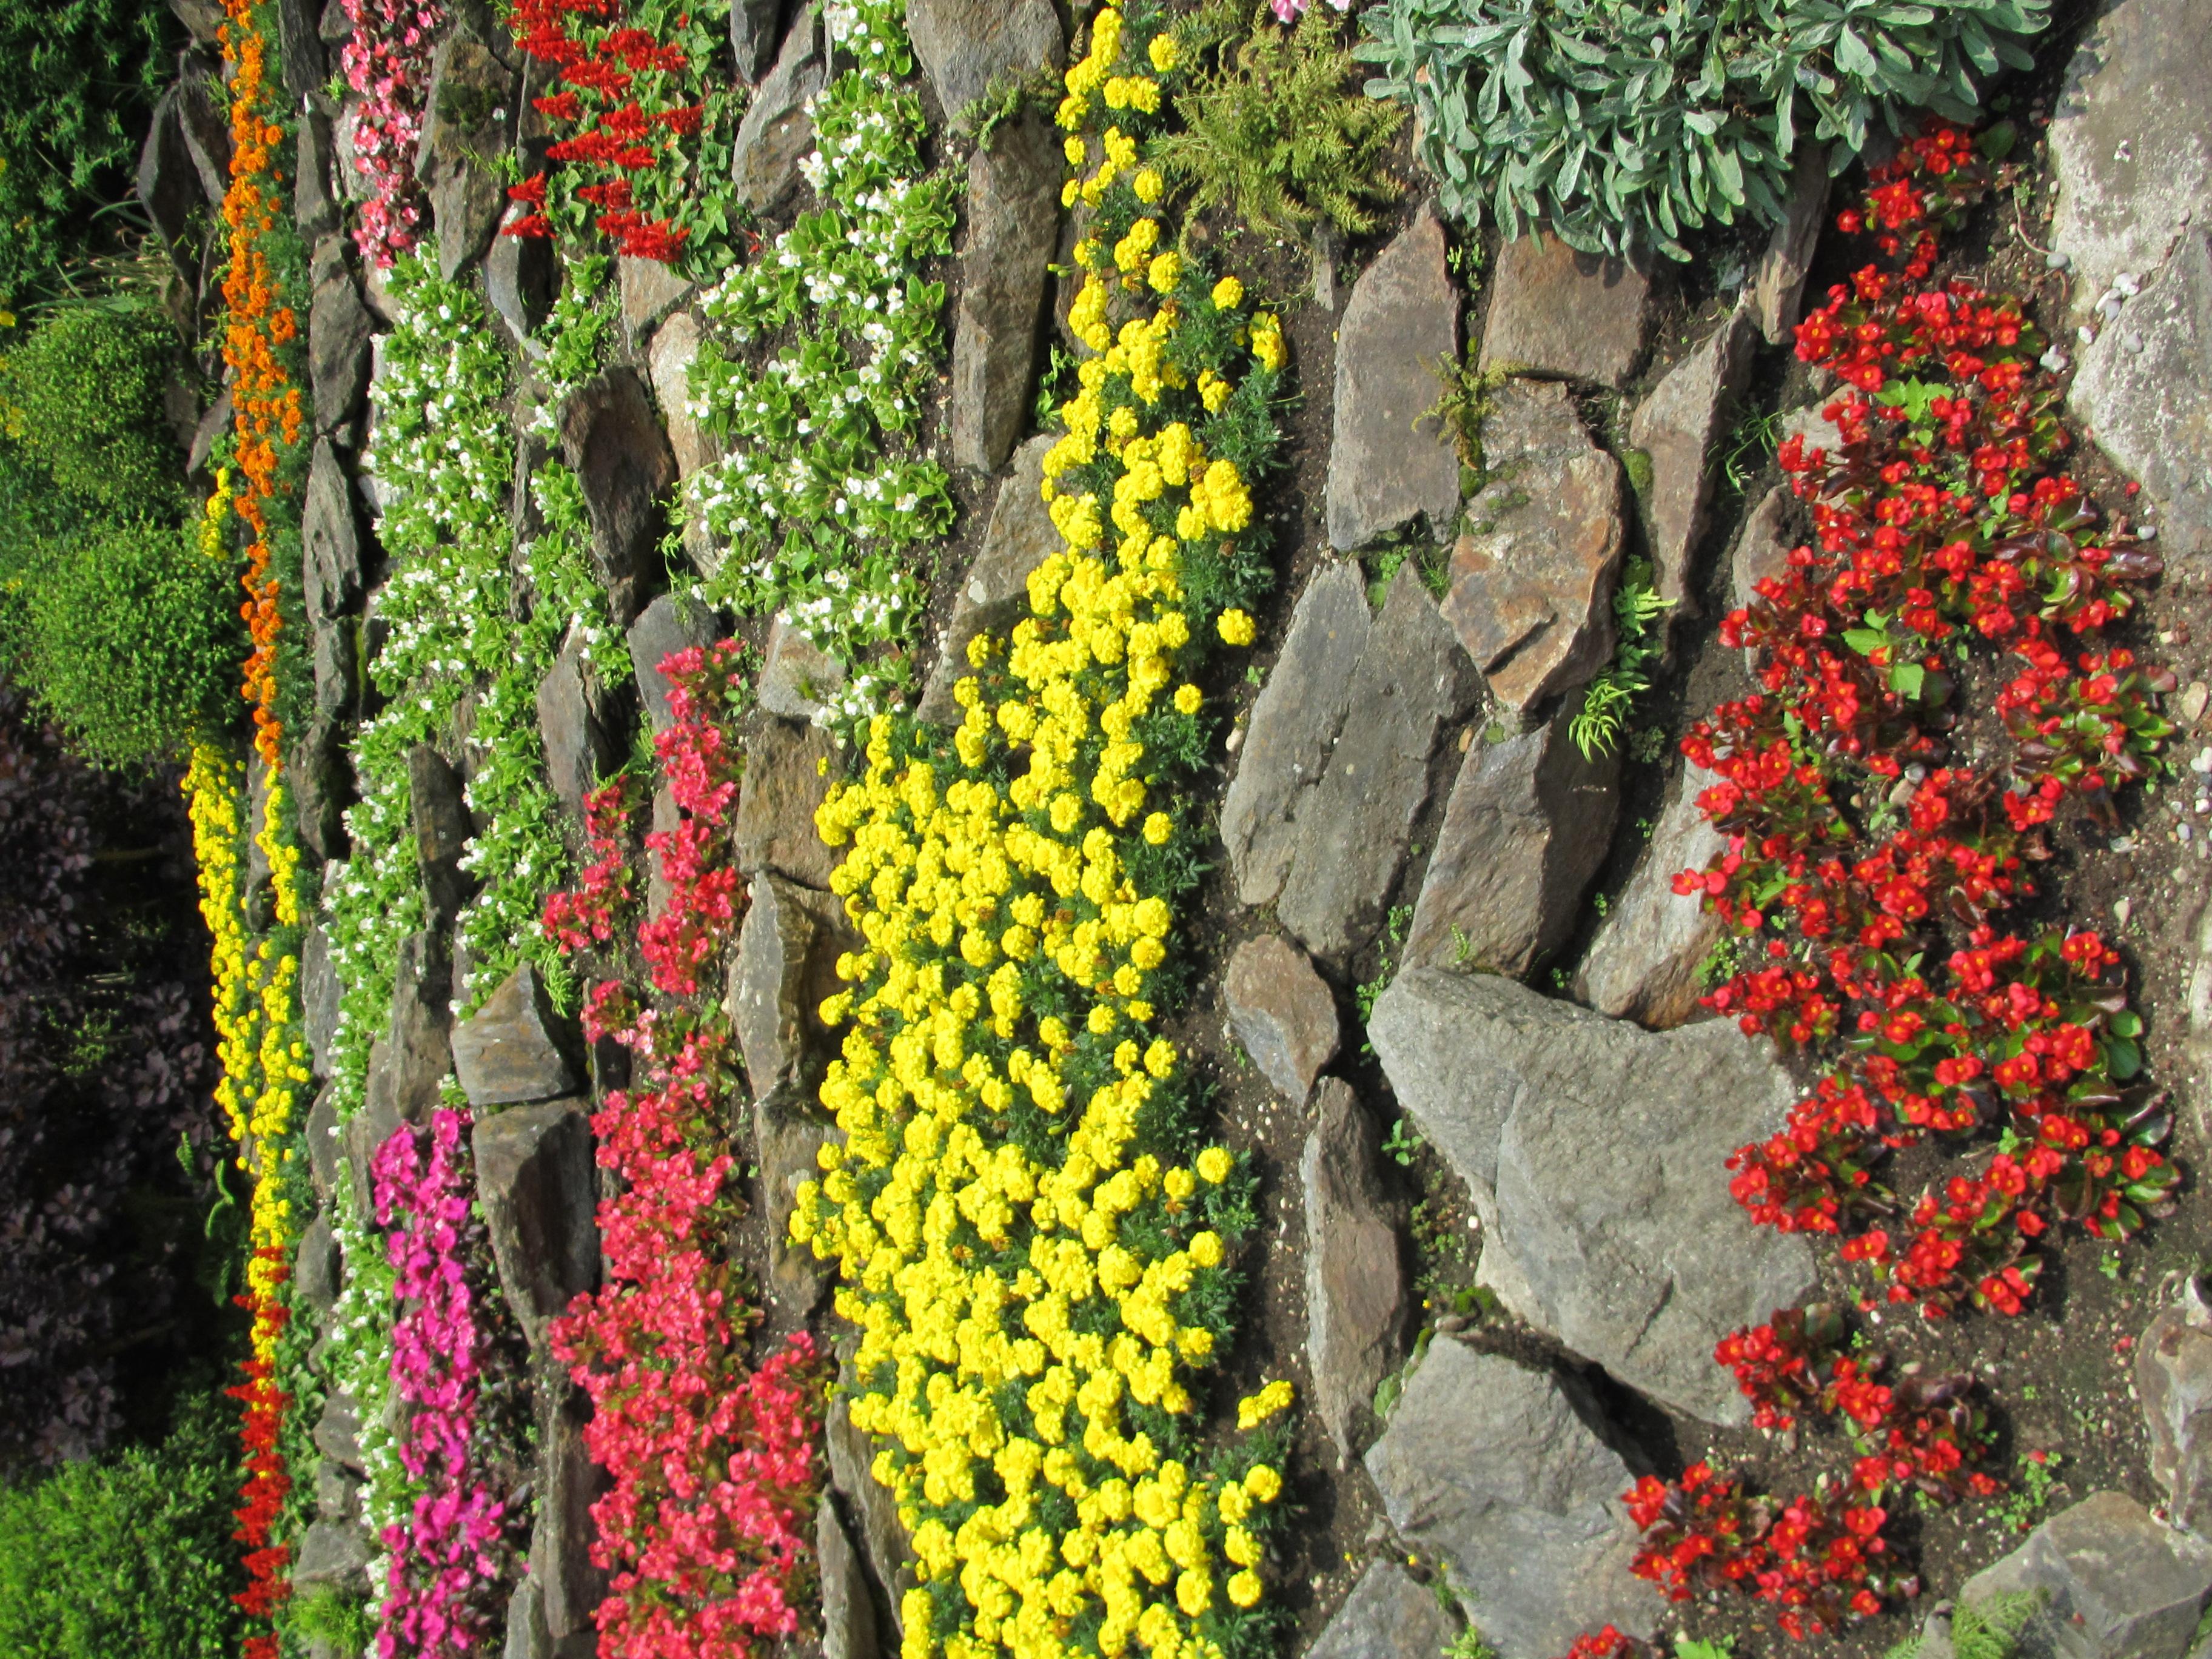 File giardino roccioso fiorito jpg wikimedia commons - Giardino fiorito torino ...